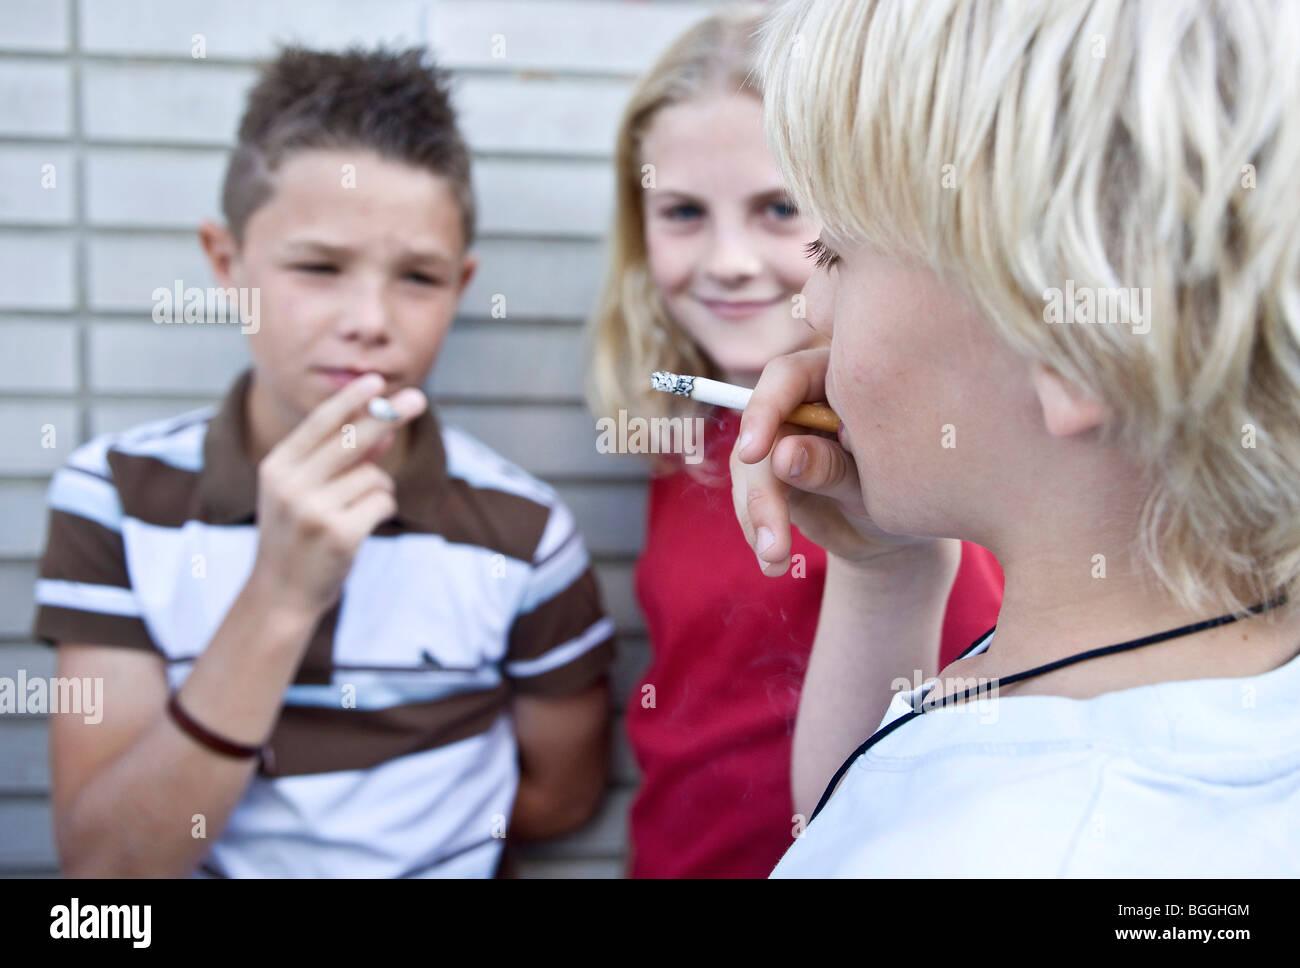 Rauchen aufhoren fur mein kind